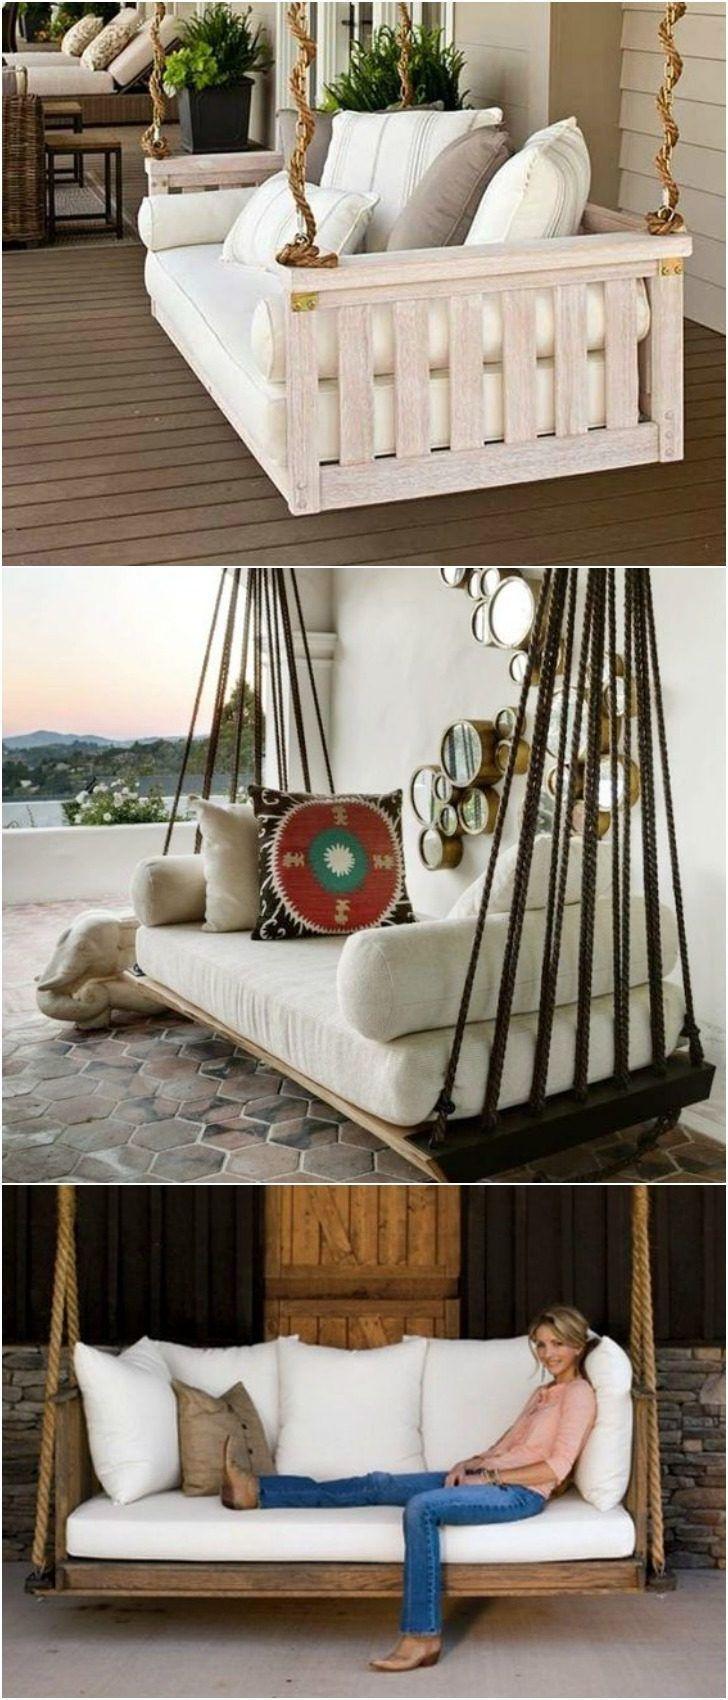 Hängebett selber bauen diy ideen für bett aus paletten im garten